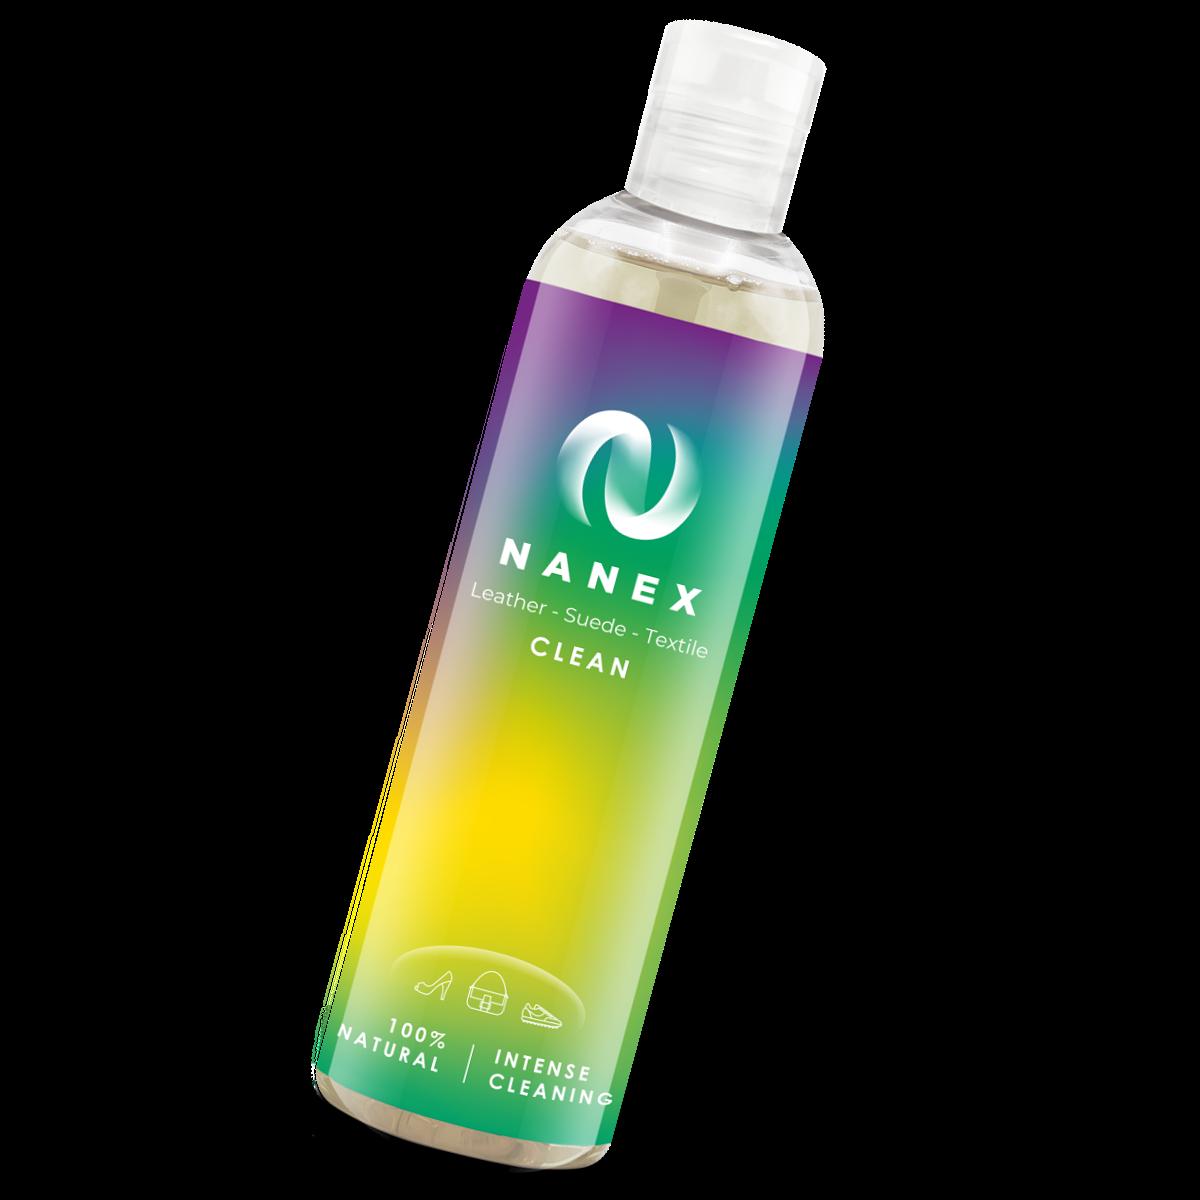 Nanex Clean